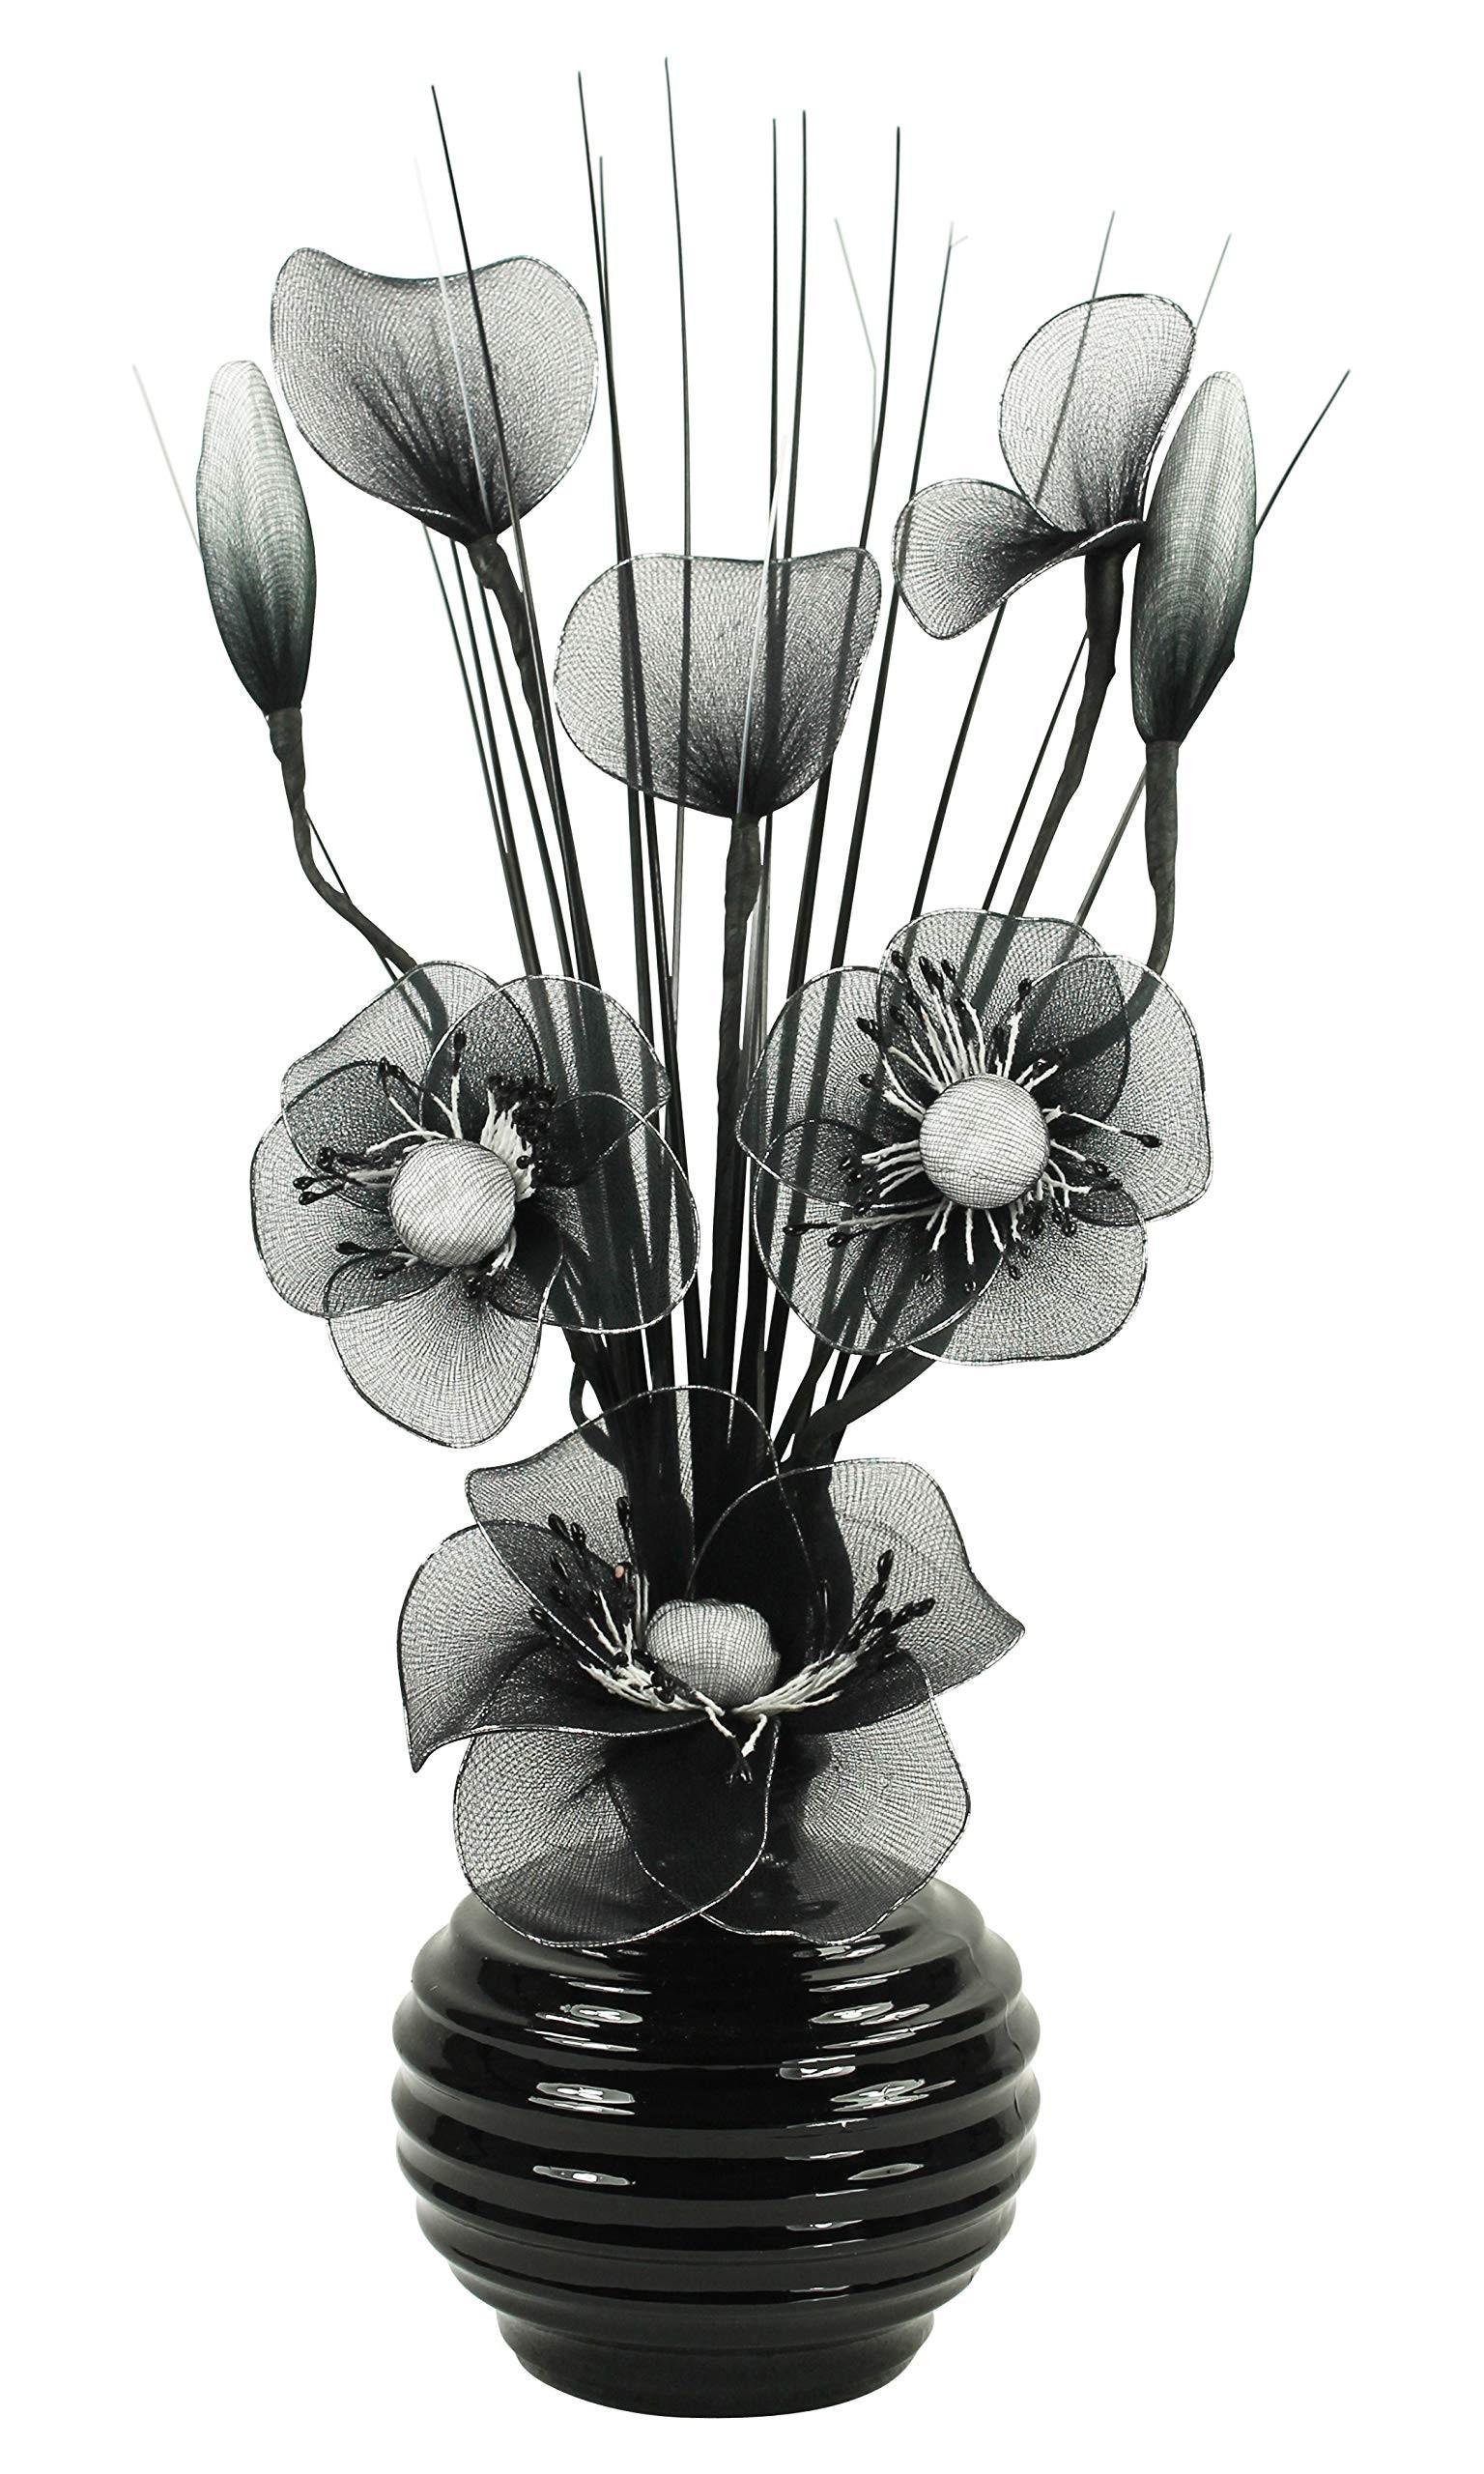 اشكال مزهريات ورد صناعي - زهور صناعية بالأبيض والأسود